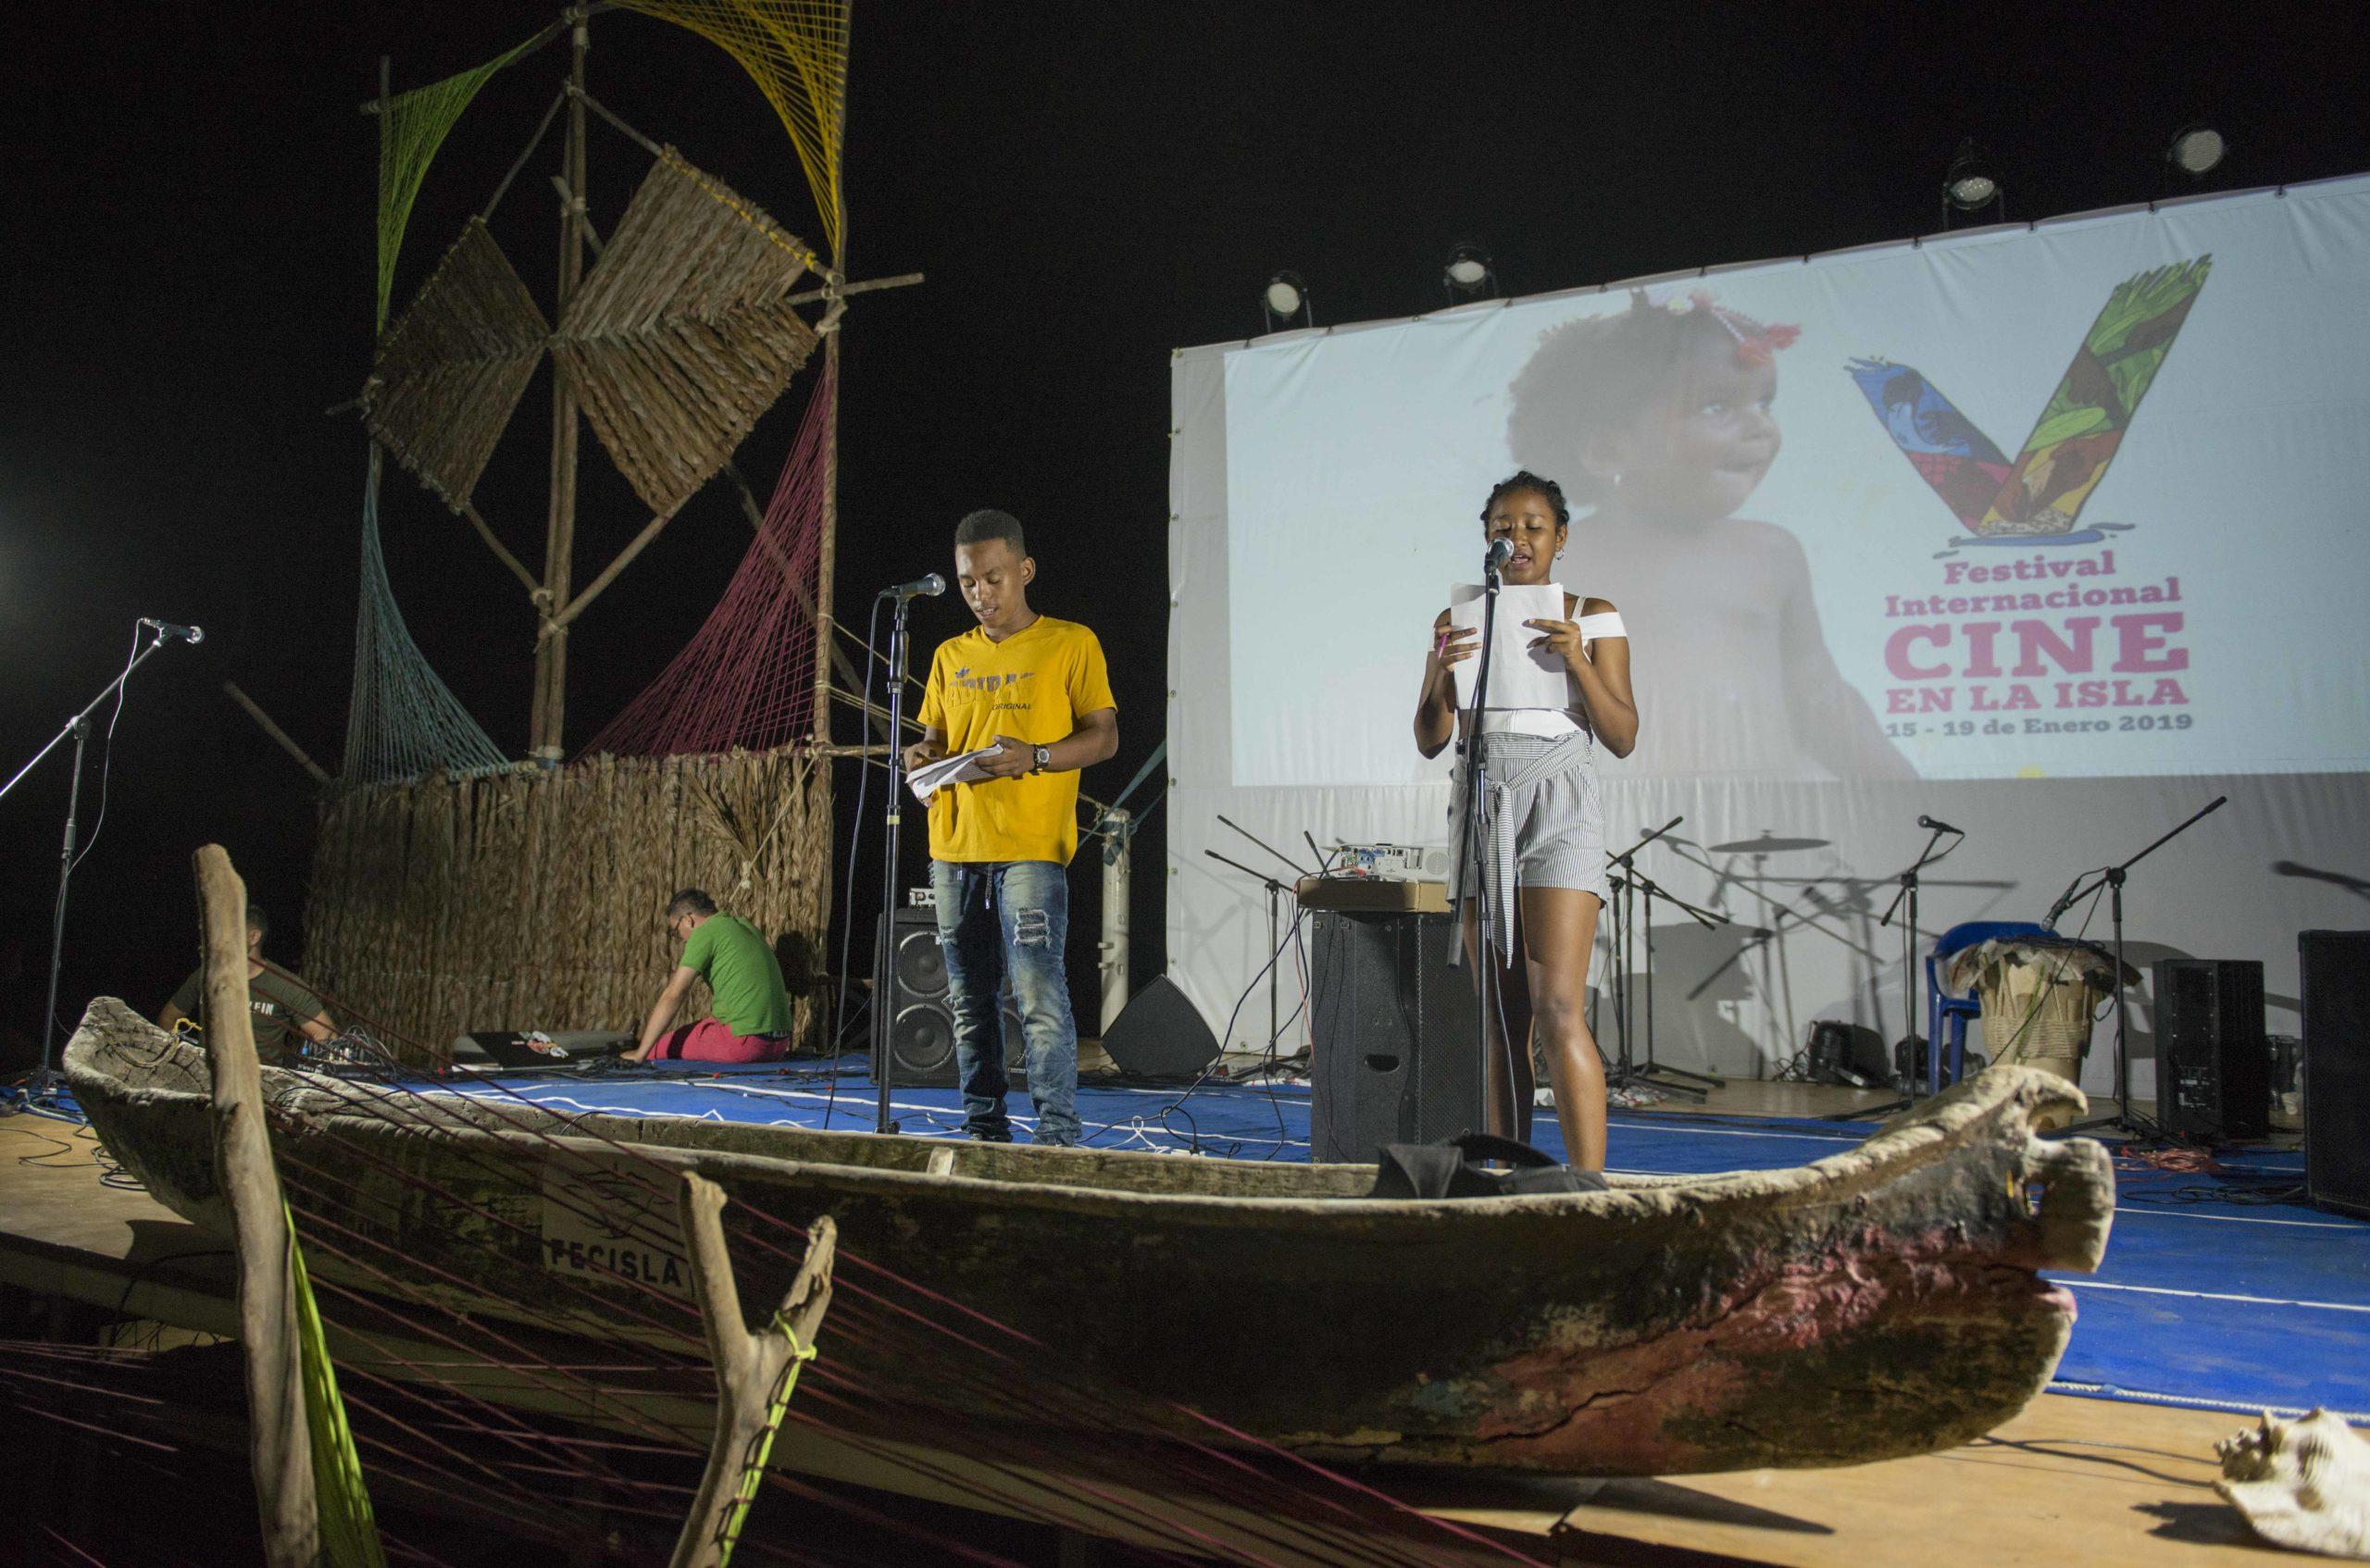 Galería fotográfica del Festival Internacional Cine en la Isla